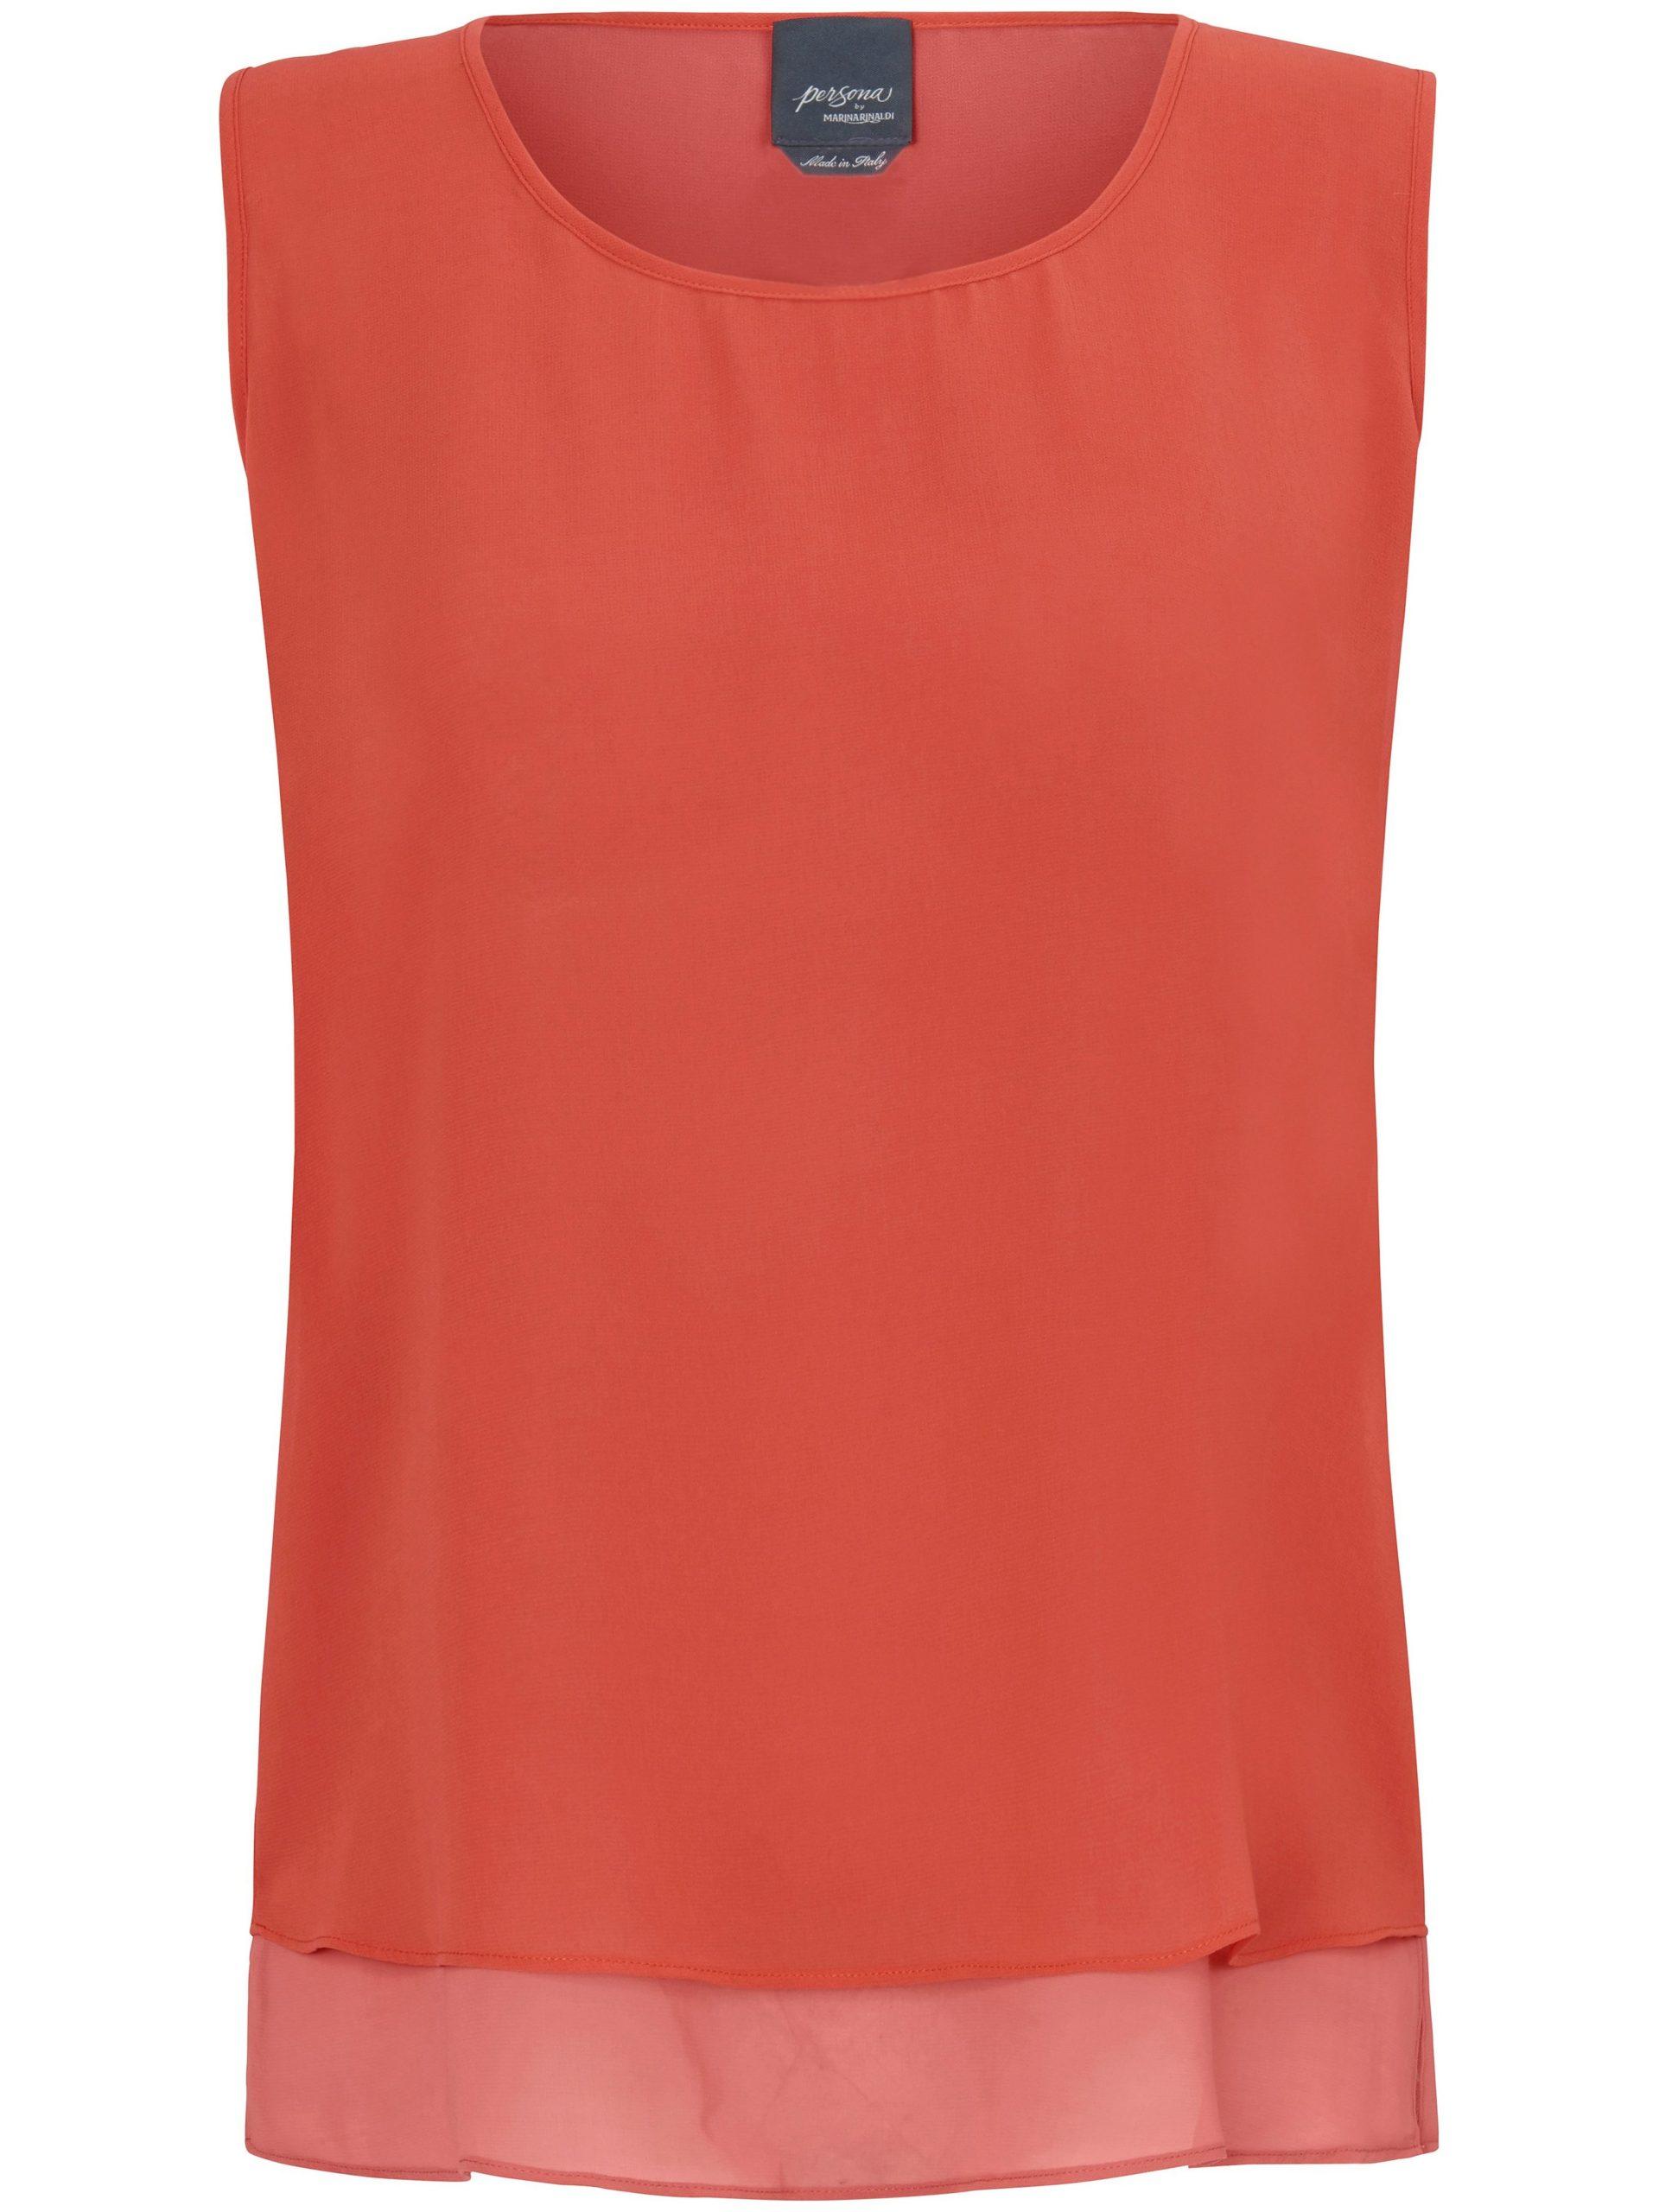 Mouwloze top met ronde hals Van Persona by Marina Rinaldi oranje Kopen